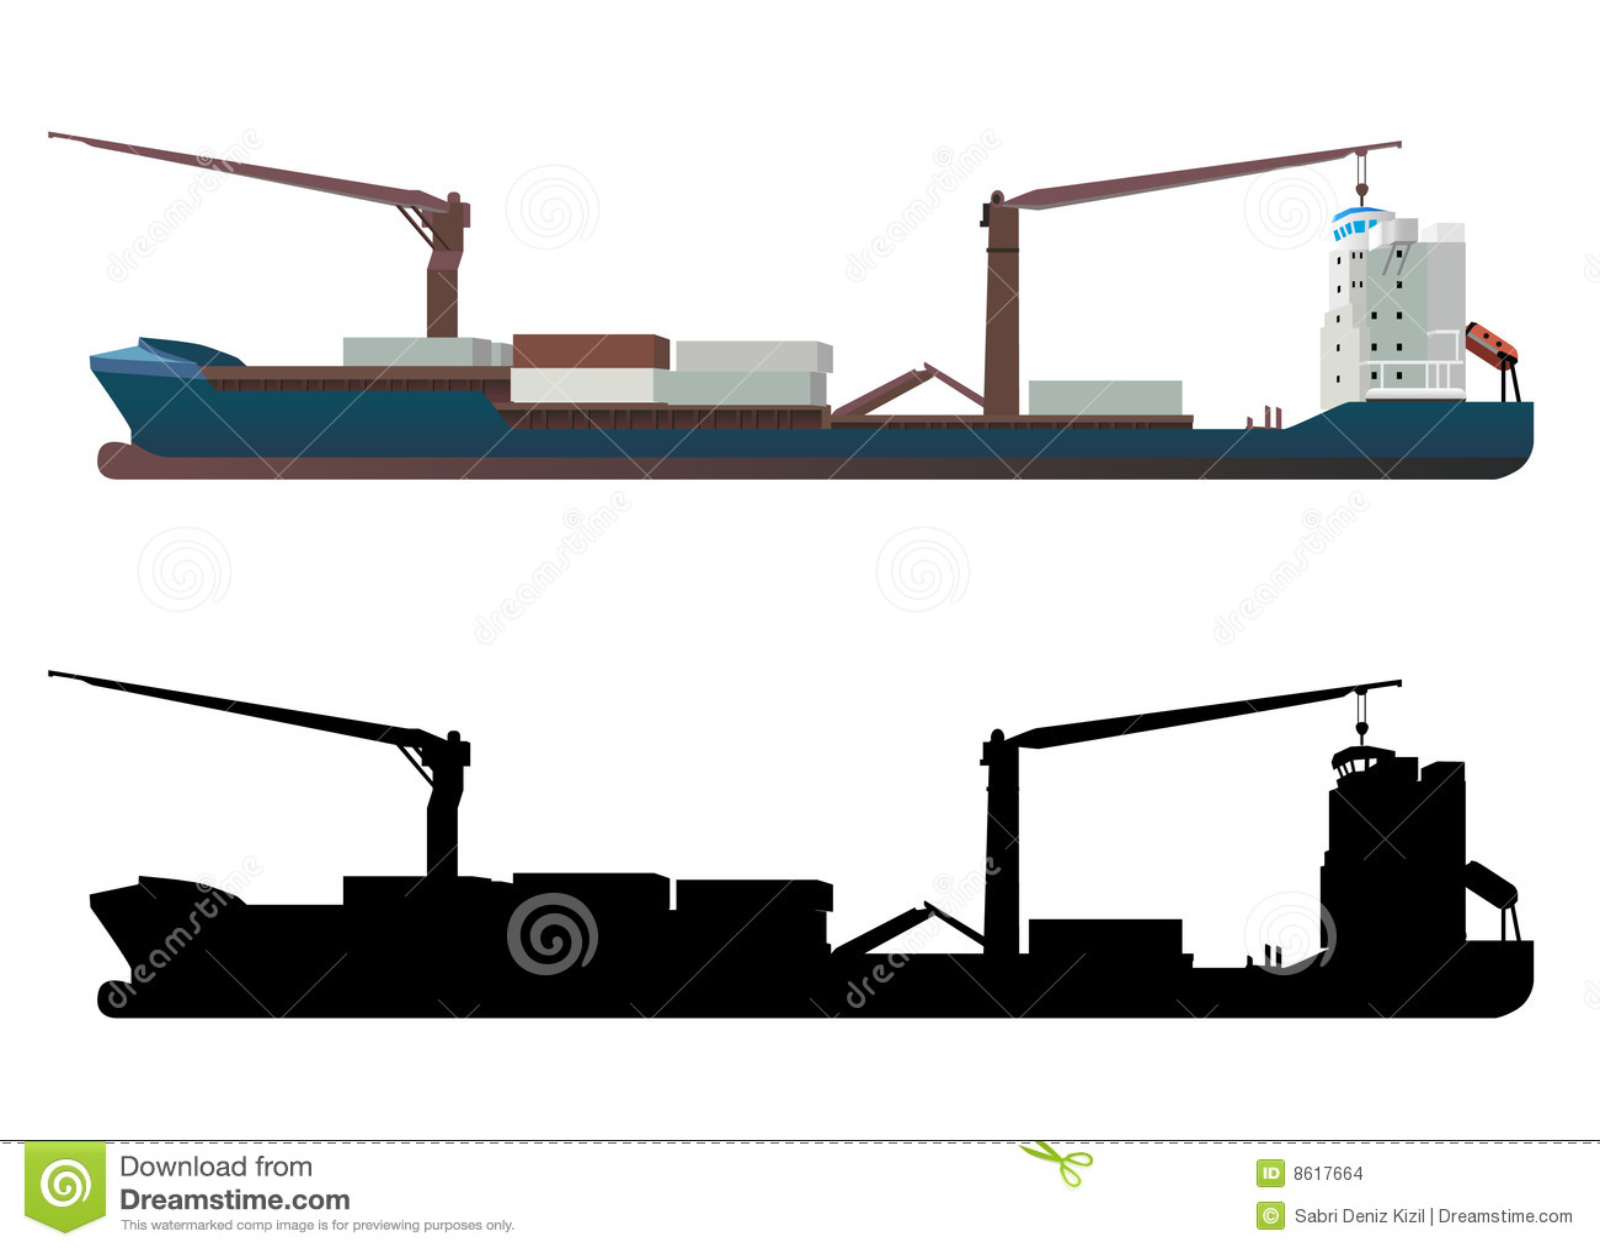 Vecteur de navire porte conteneurs images stock image for Porte conteneur